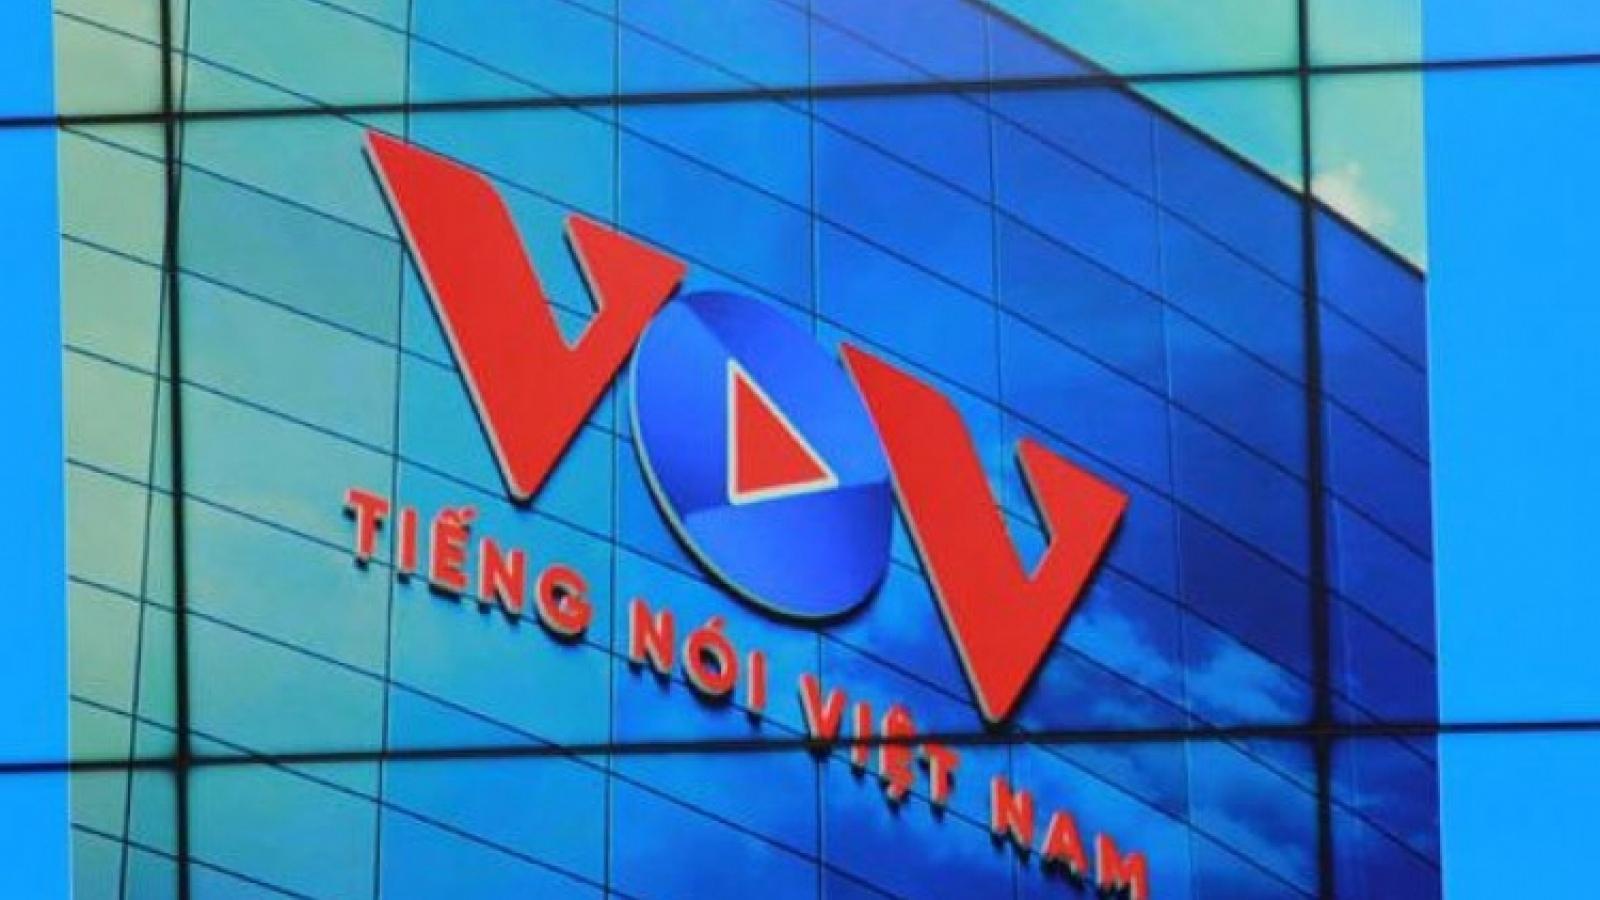 VOV tuyển dụng kế toán cho Trung tâm Quảng cáo và Dịch vụ truyền thông